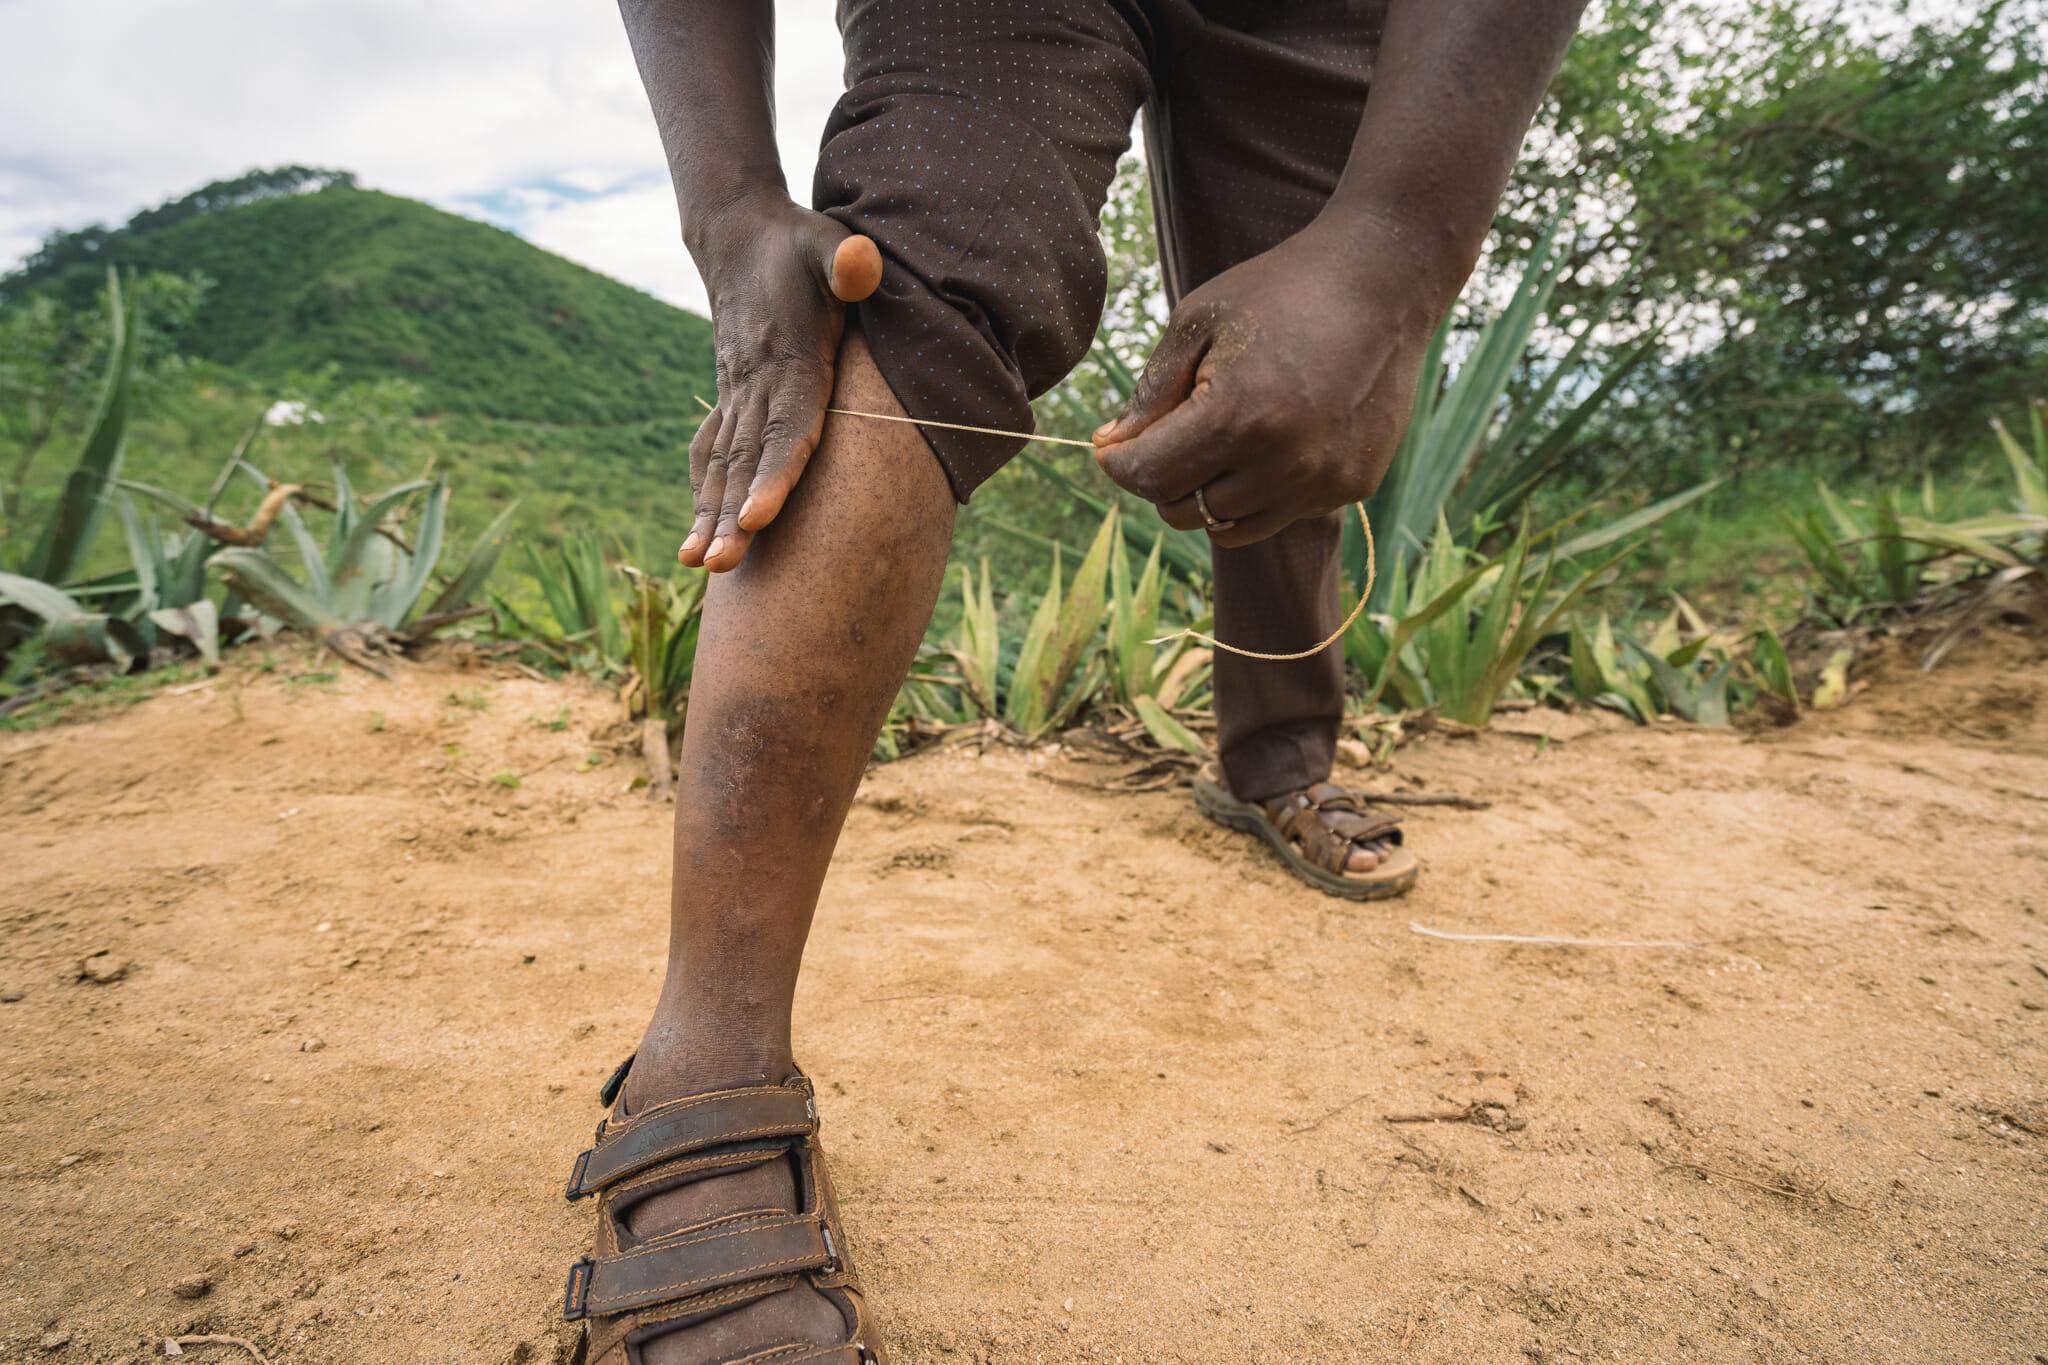 Découverte du sisal avec John lors de l'immersion dans le village d'Endallah en Tanzanie